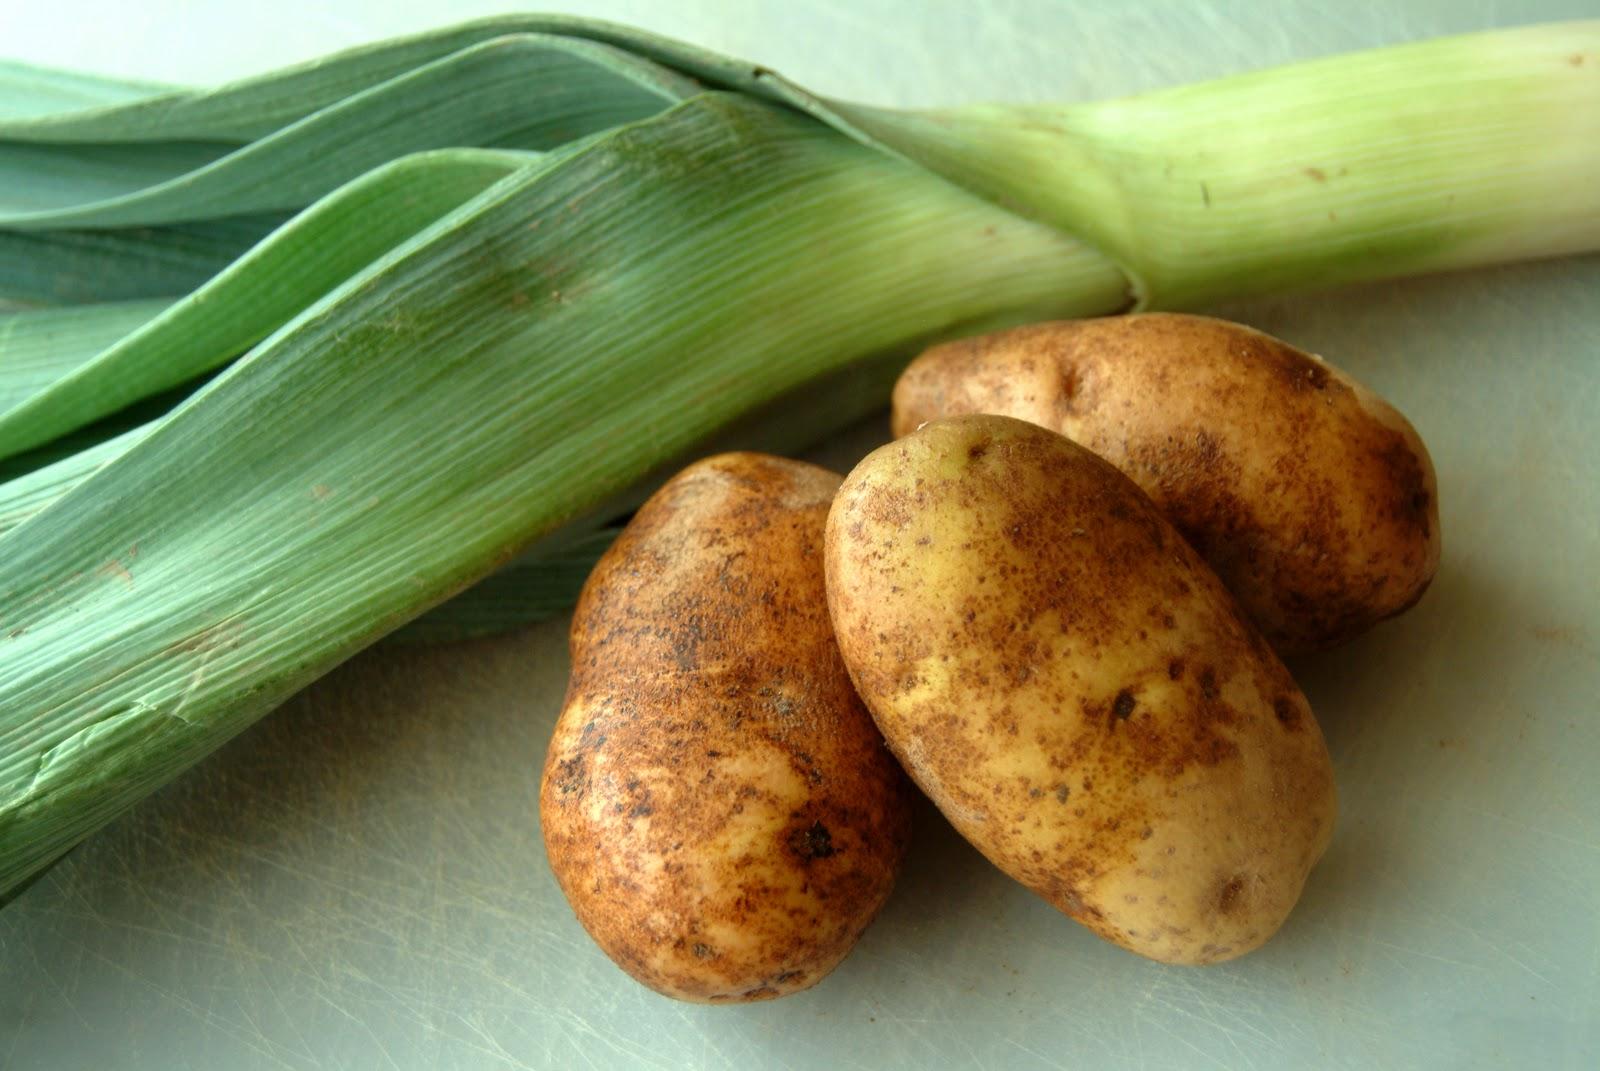 Potato-Leek Soup images